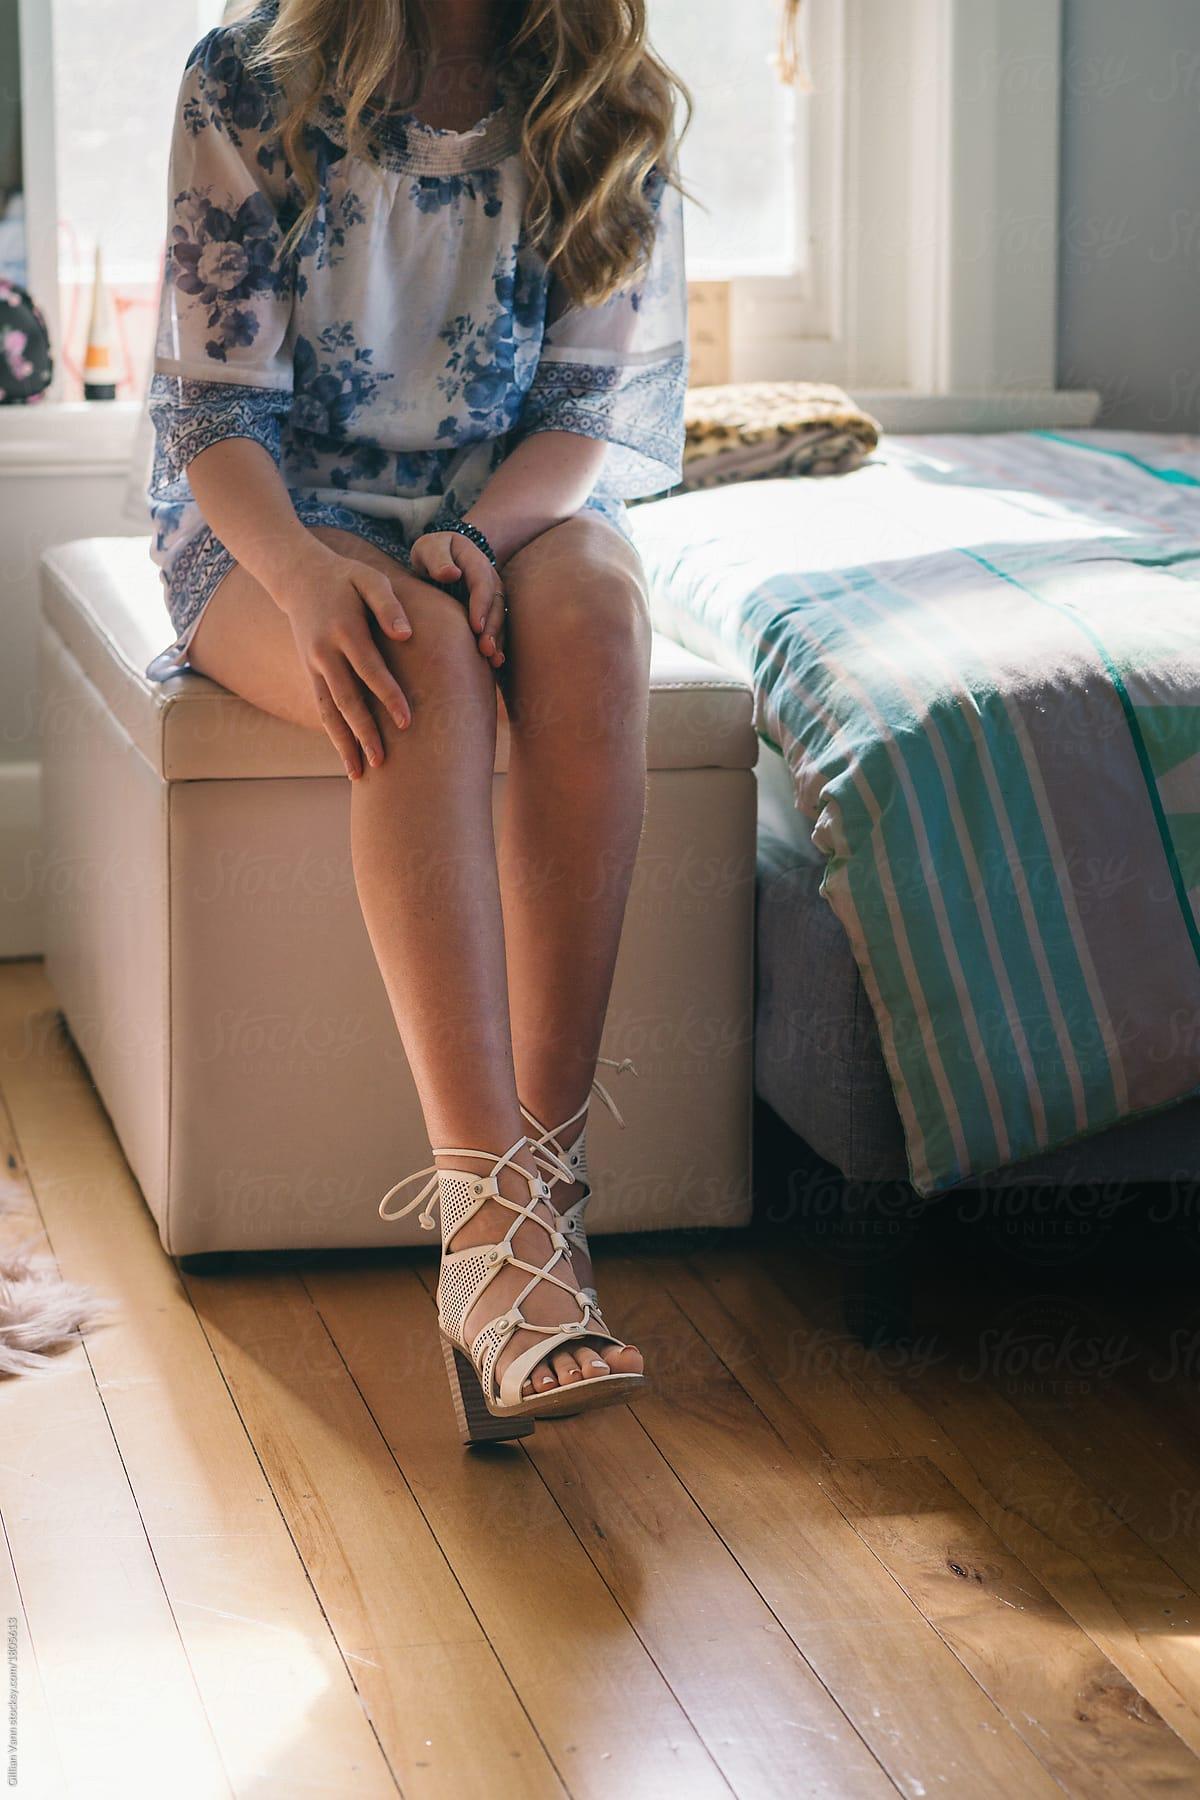 young teens heels